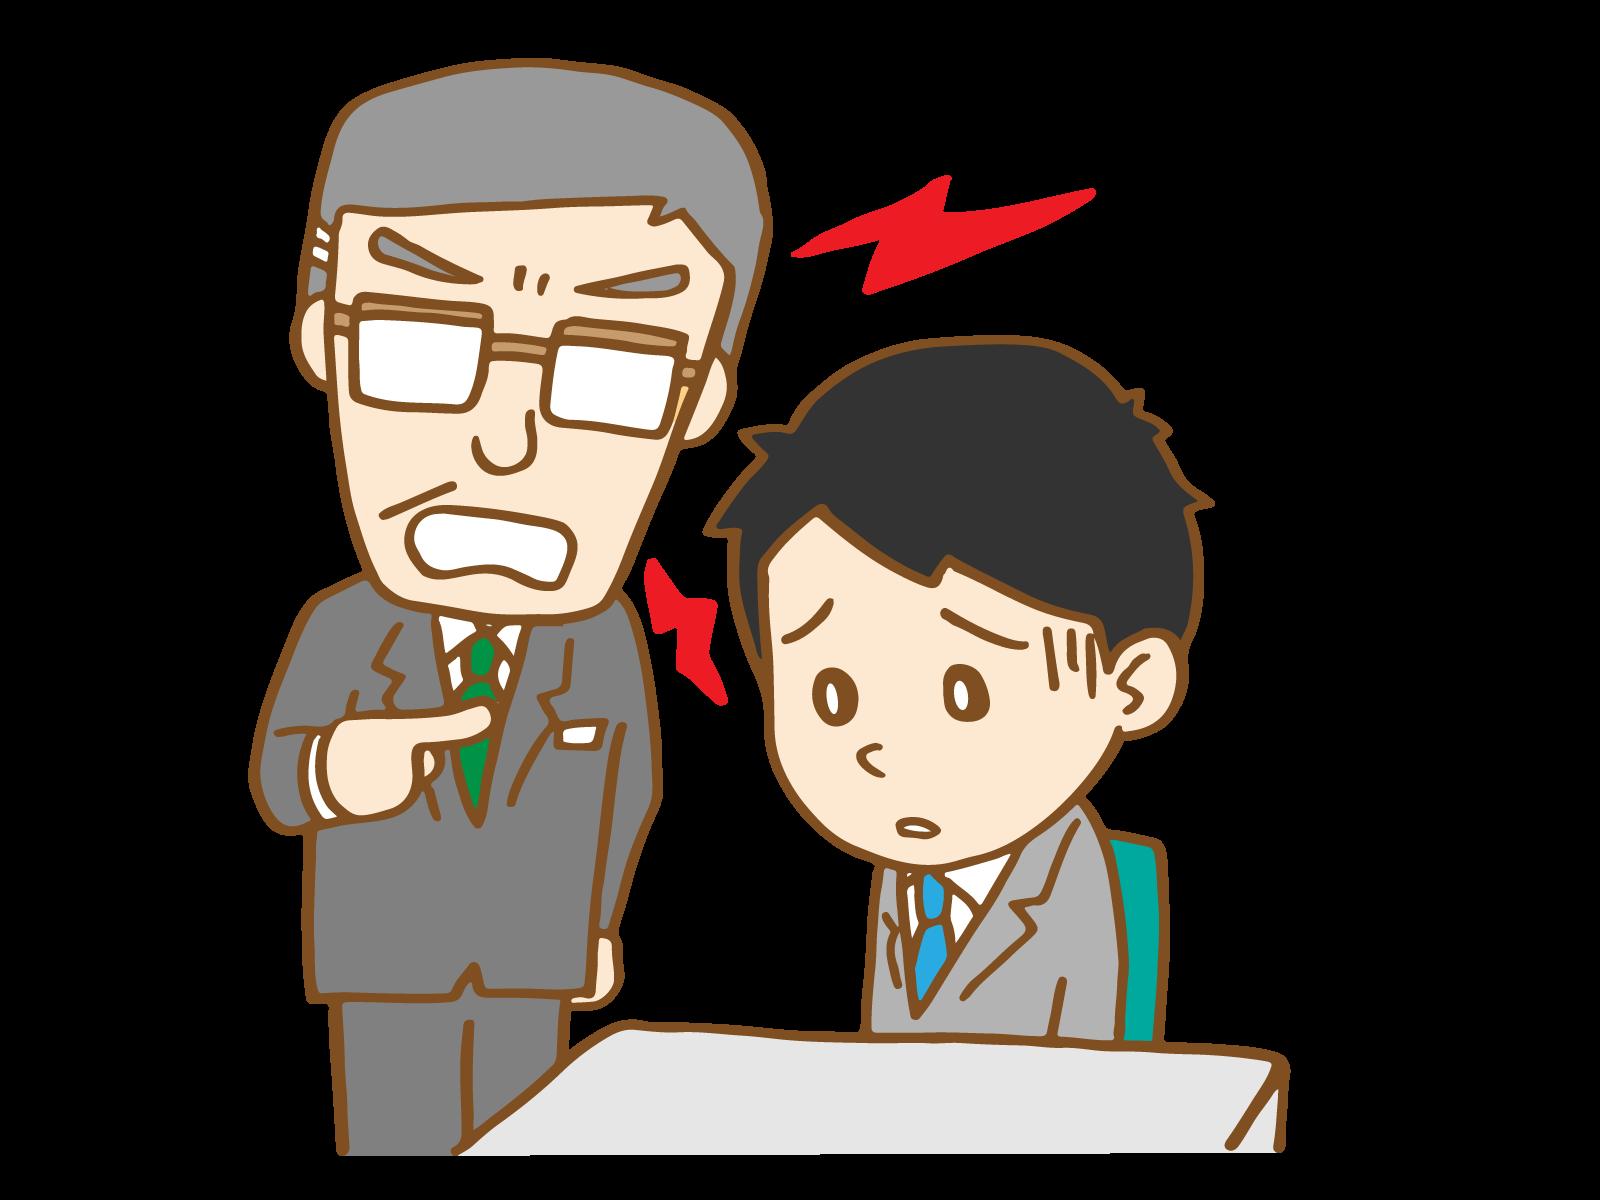 上司に怒られる社員のイラスト